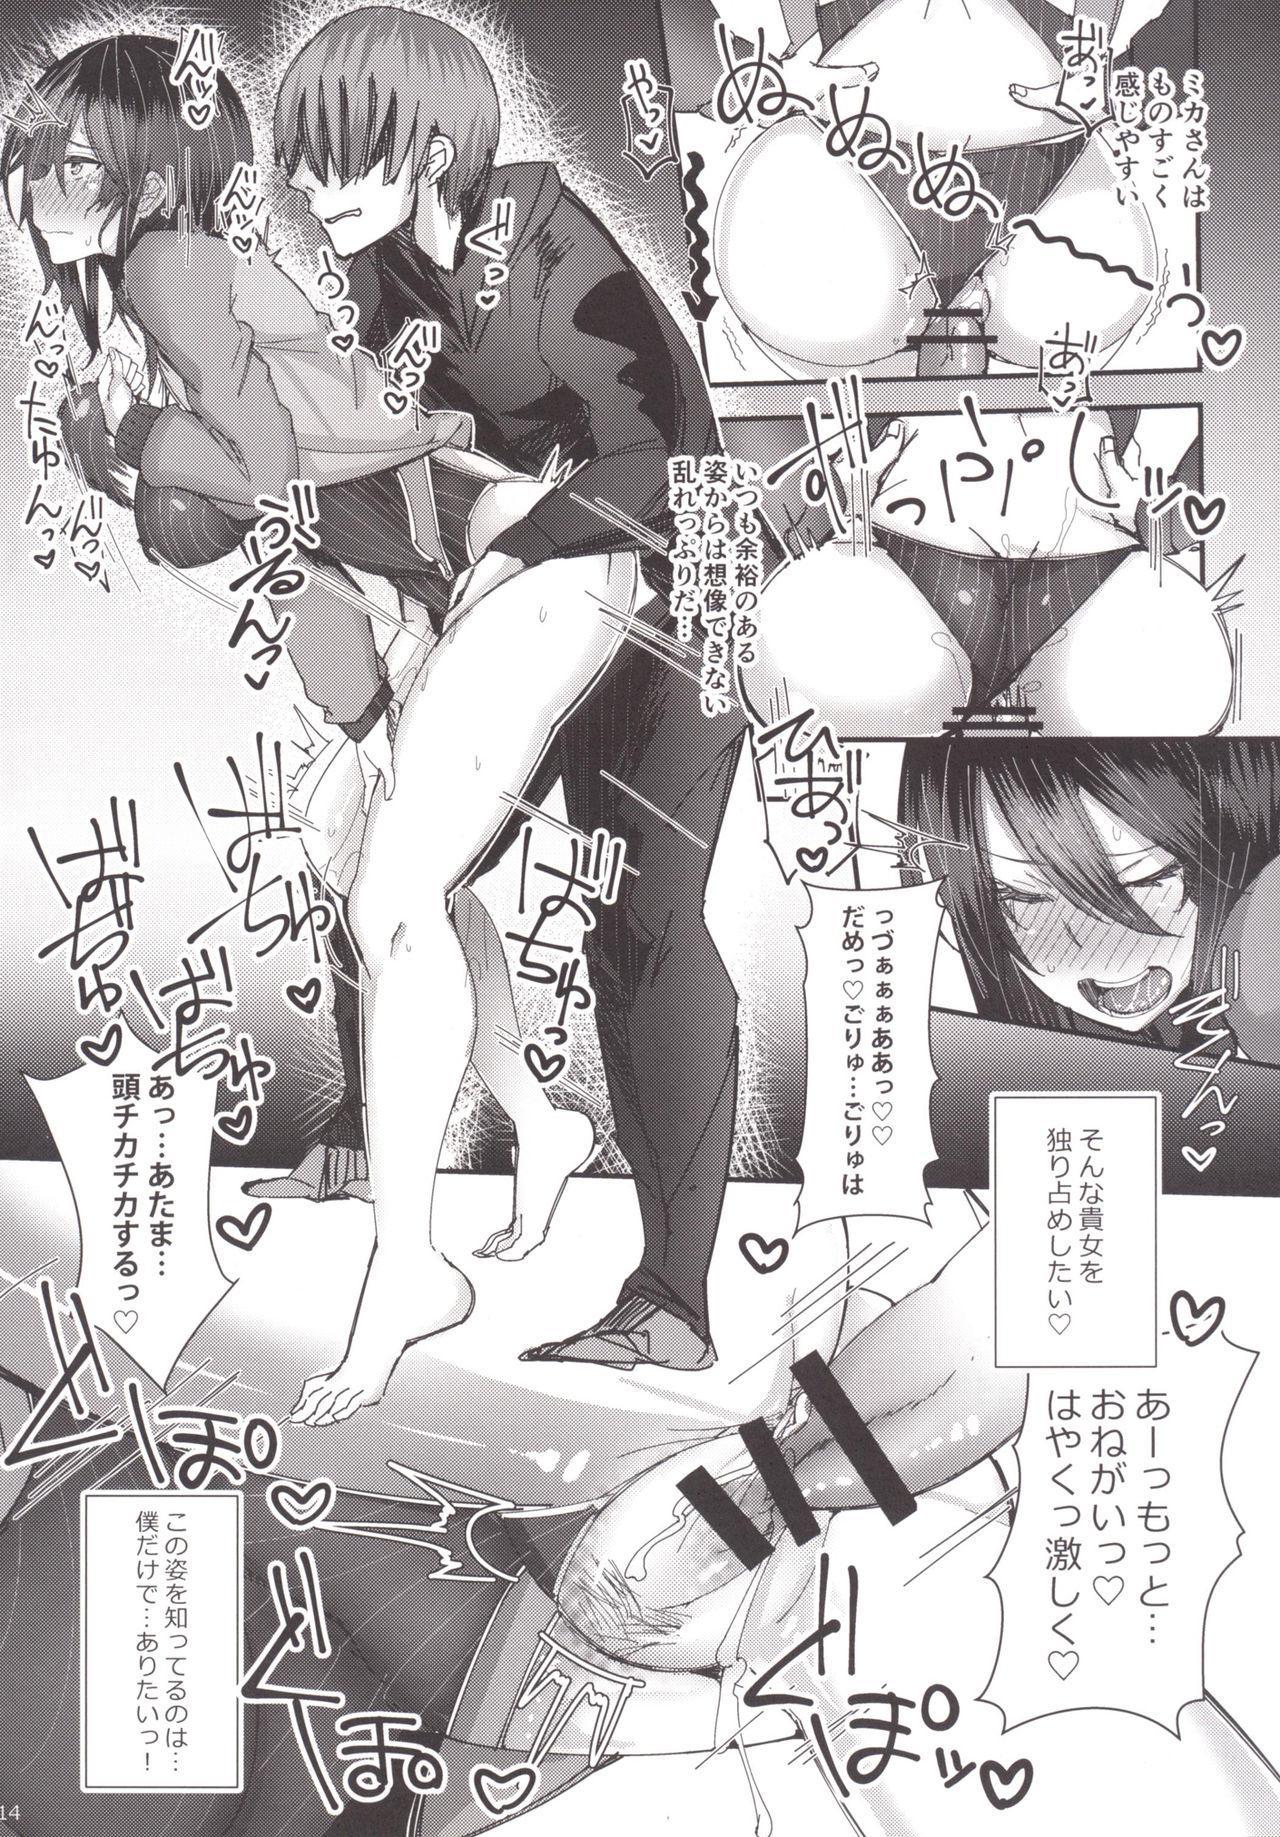 Kimi no Taisetsu na Mono ga Hoshii. 12